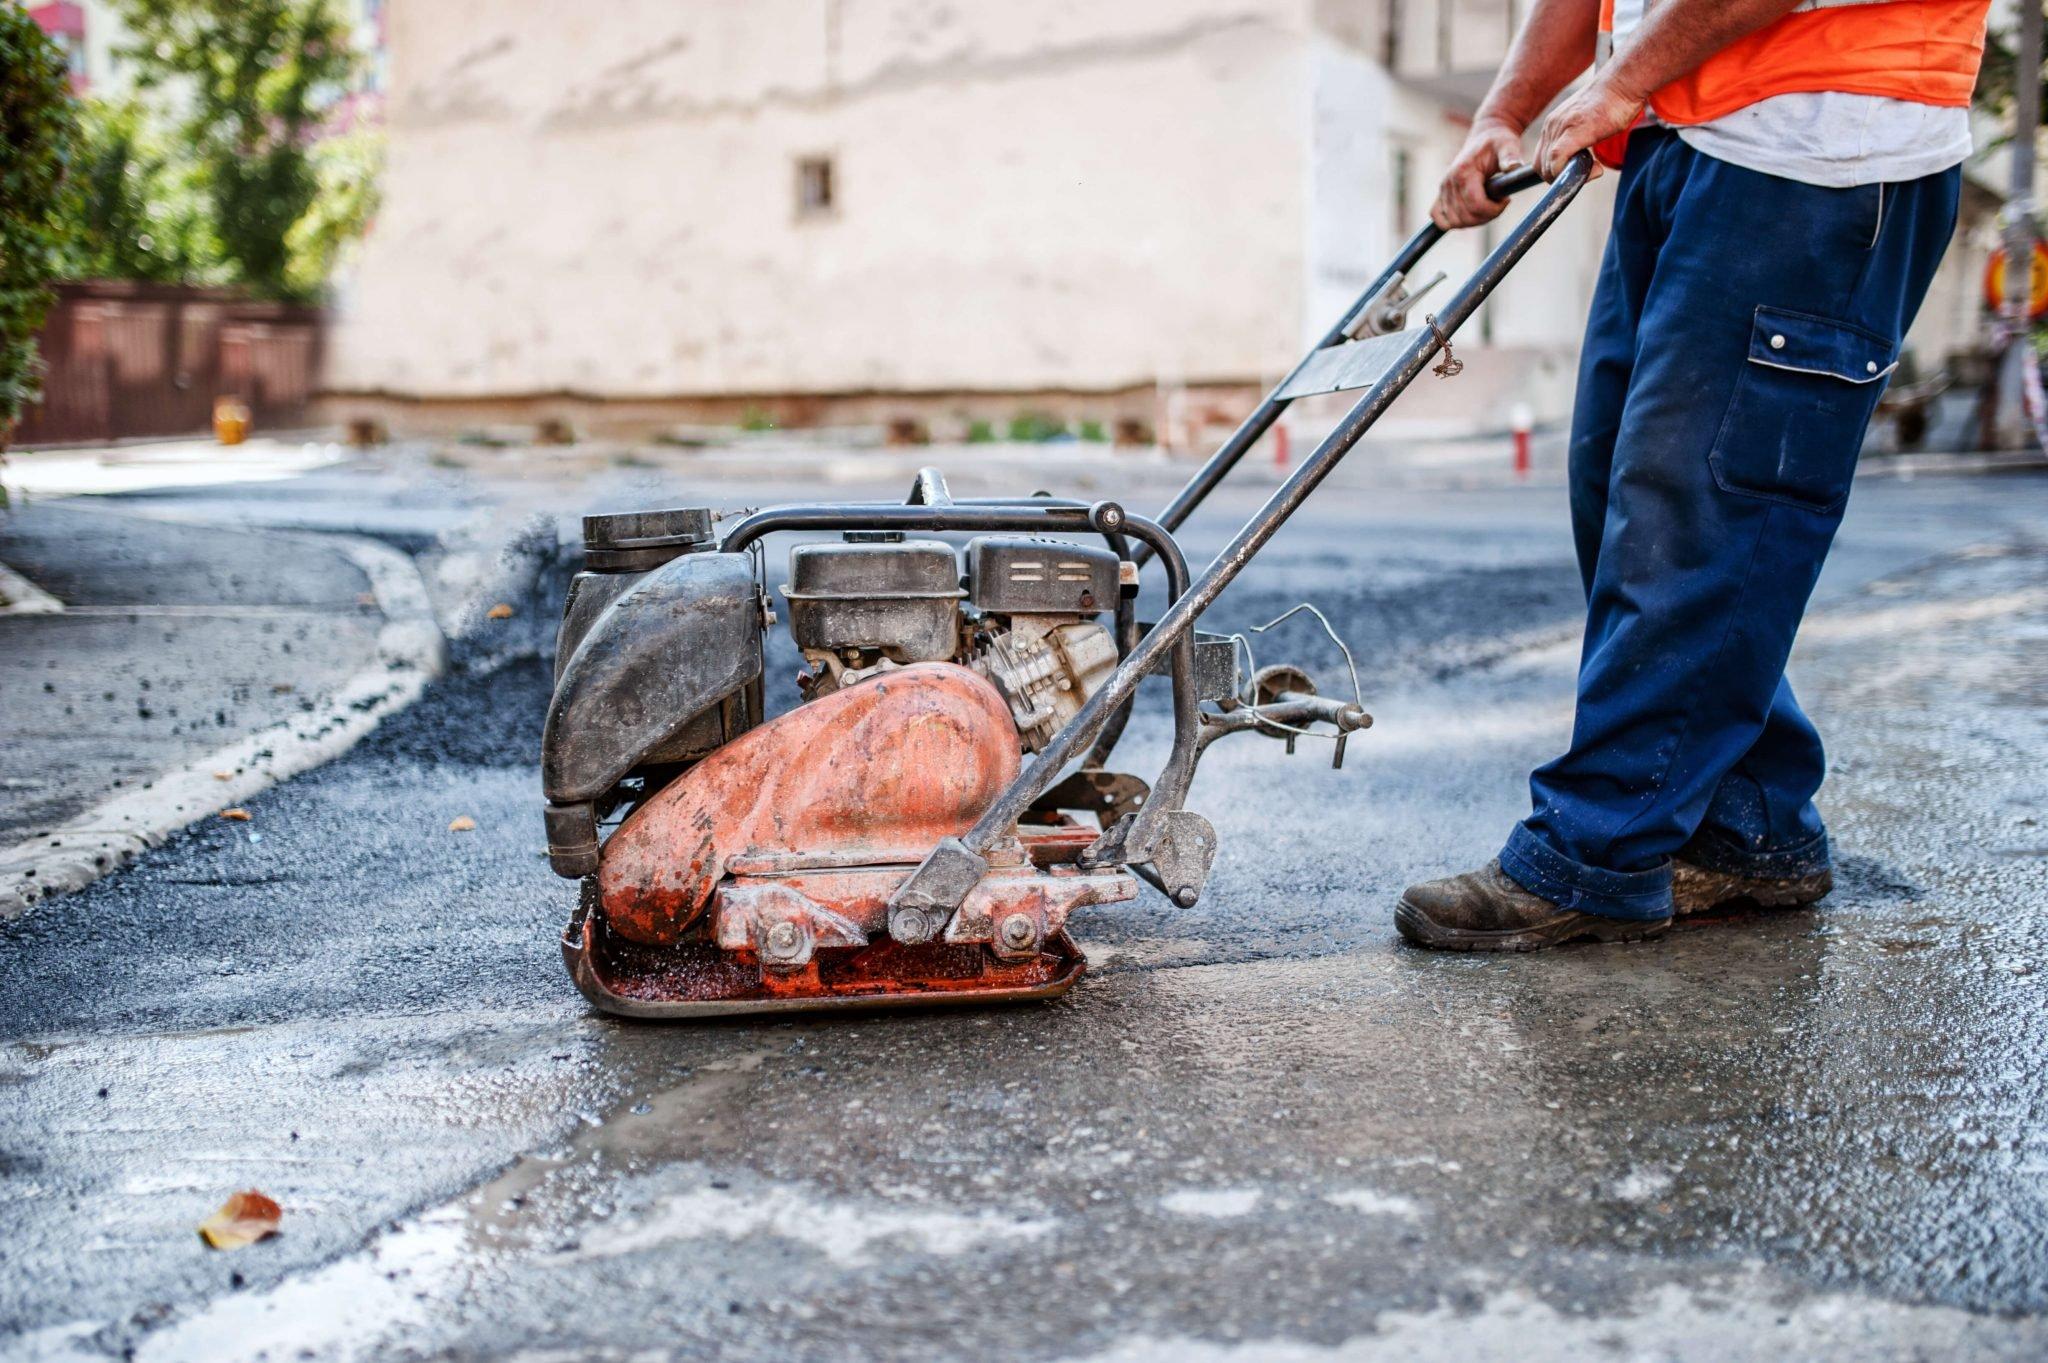 Phoenix Asphalt Removal & Replacement Service